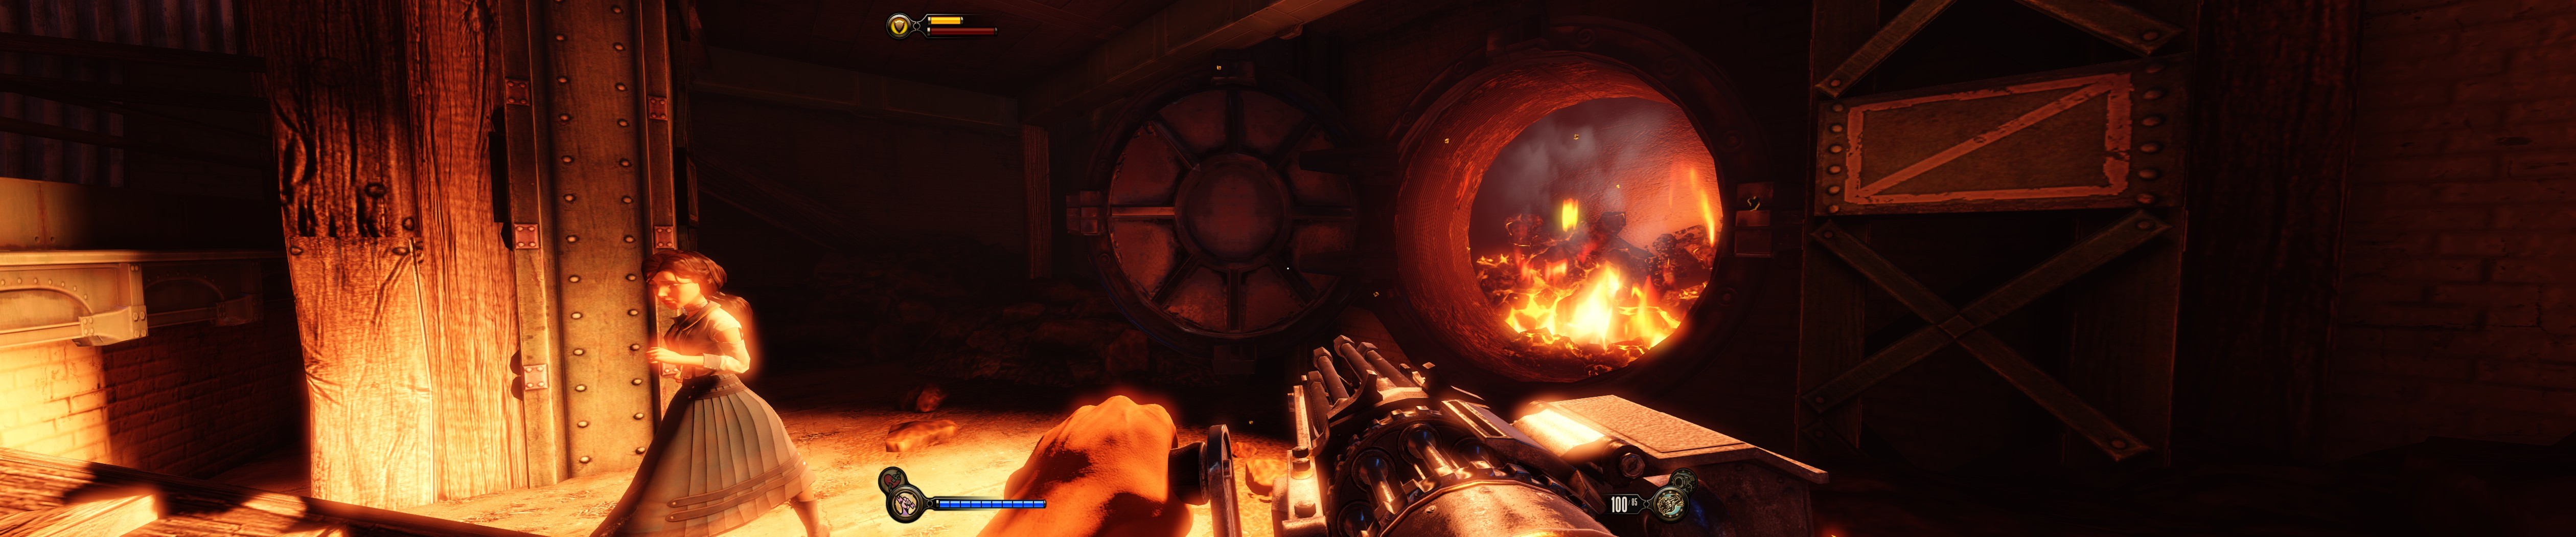 Bioshock_Infinite_2013-05-14_00019